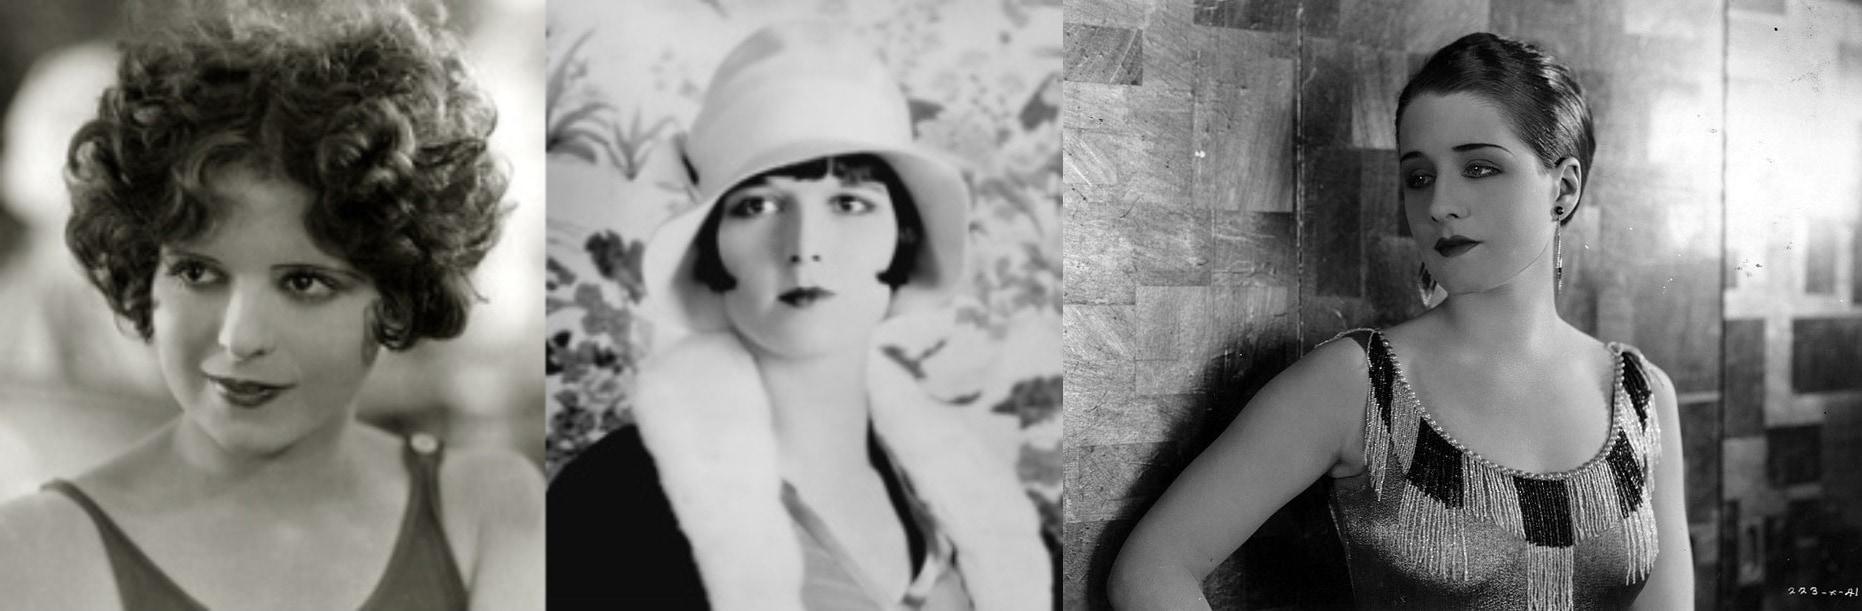 eyebrow trends 1920s